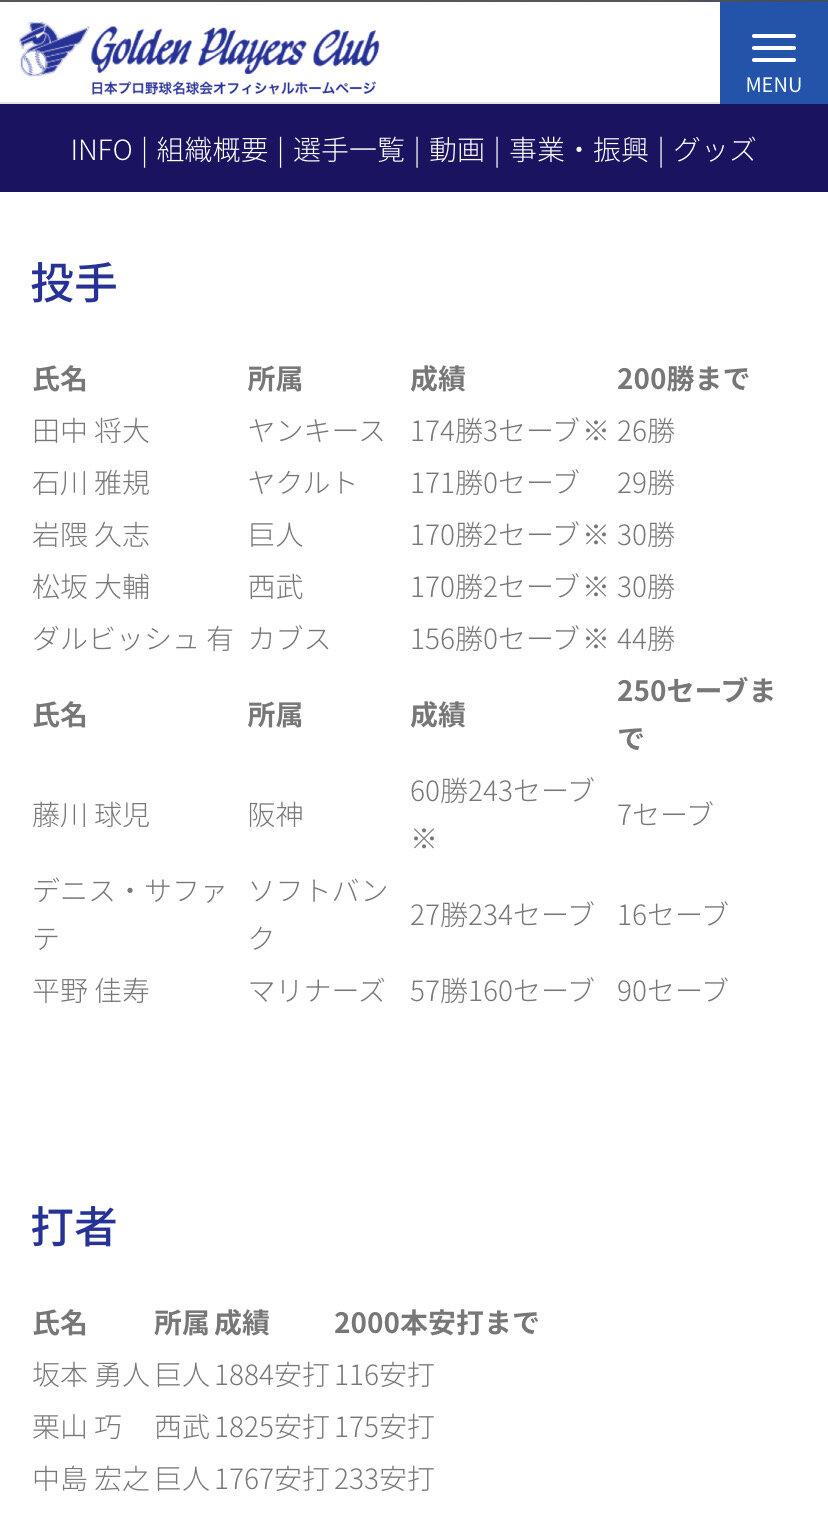 【悲報】田中将大のあとの200勝達成感できそうな投手、誰もいない